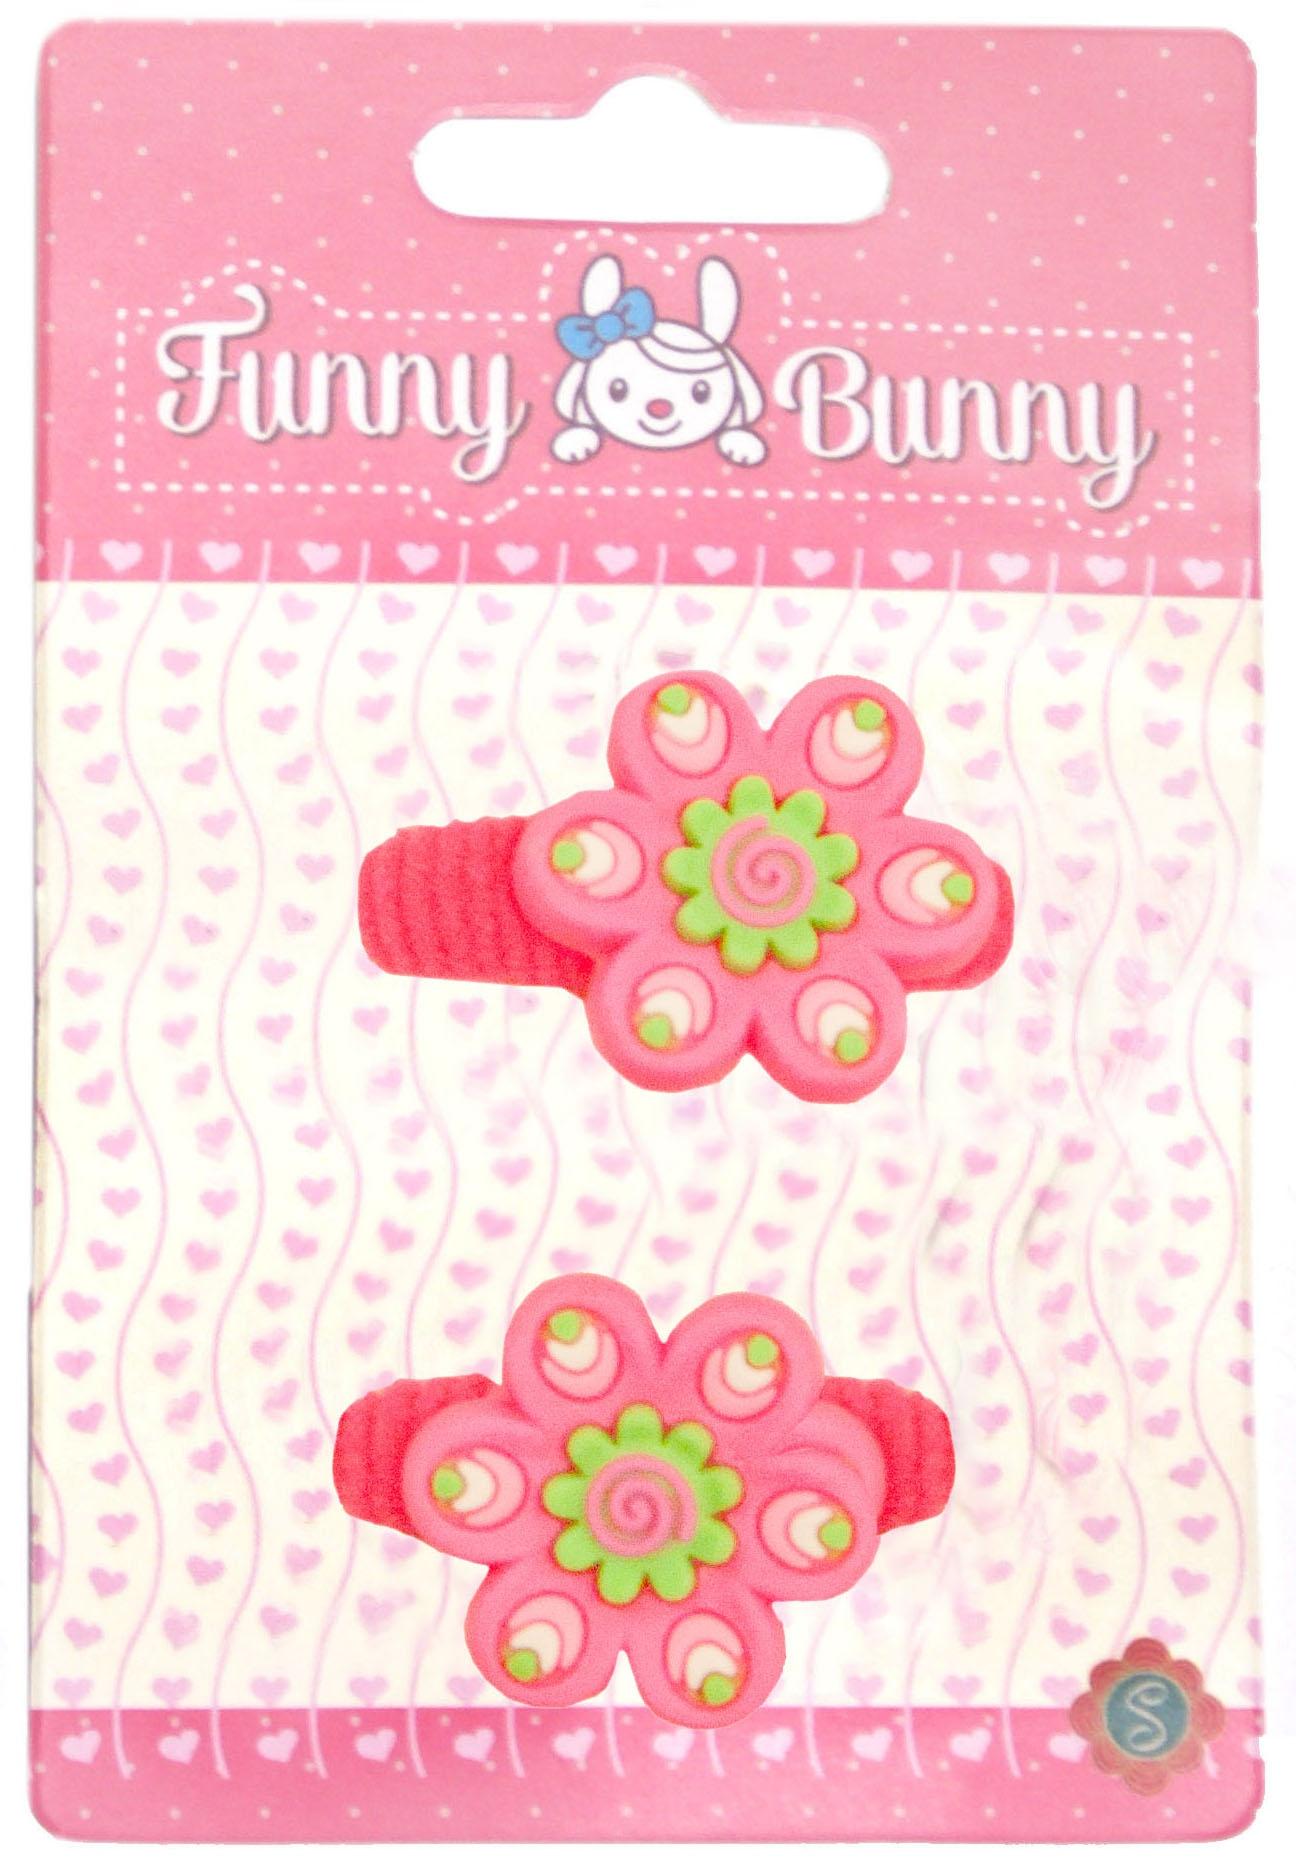 Украшения Funny Bunny Резинка для волоc Funny Bunny пластик 2 шт. в ассортименте